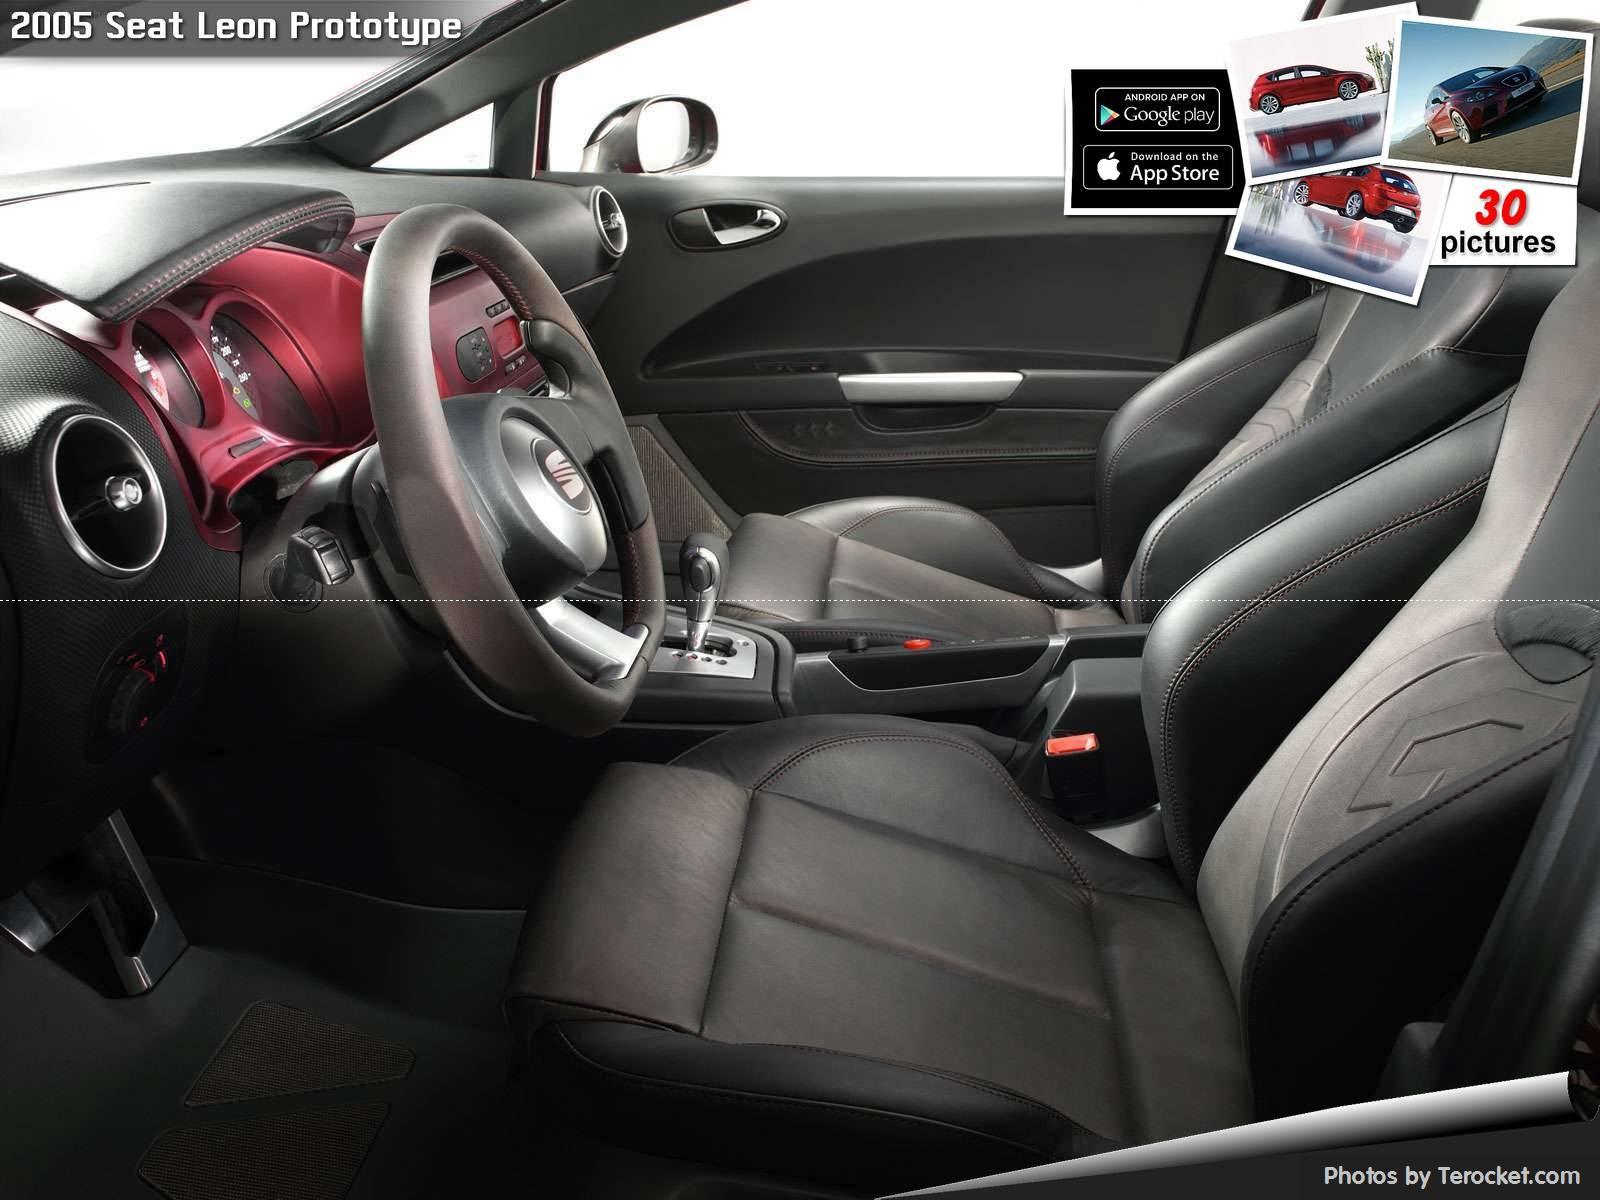 Hình ảnh xe ô tô Seat Leon Prototype 2005 & nội ngoại thất